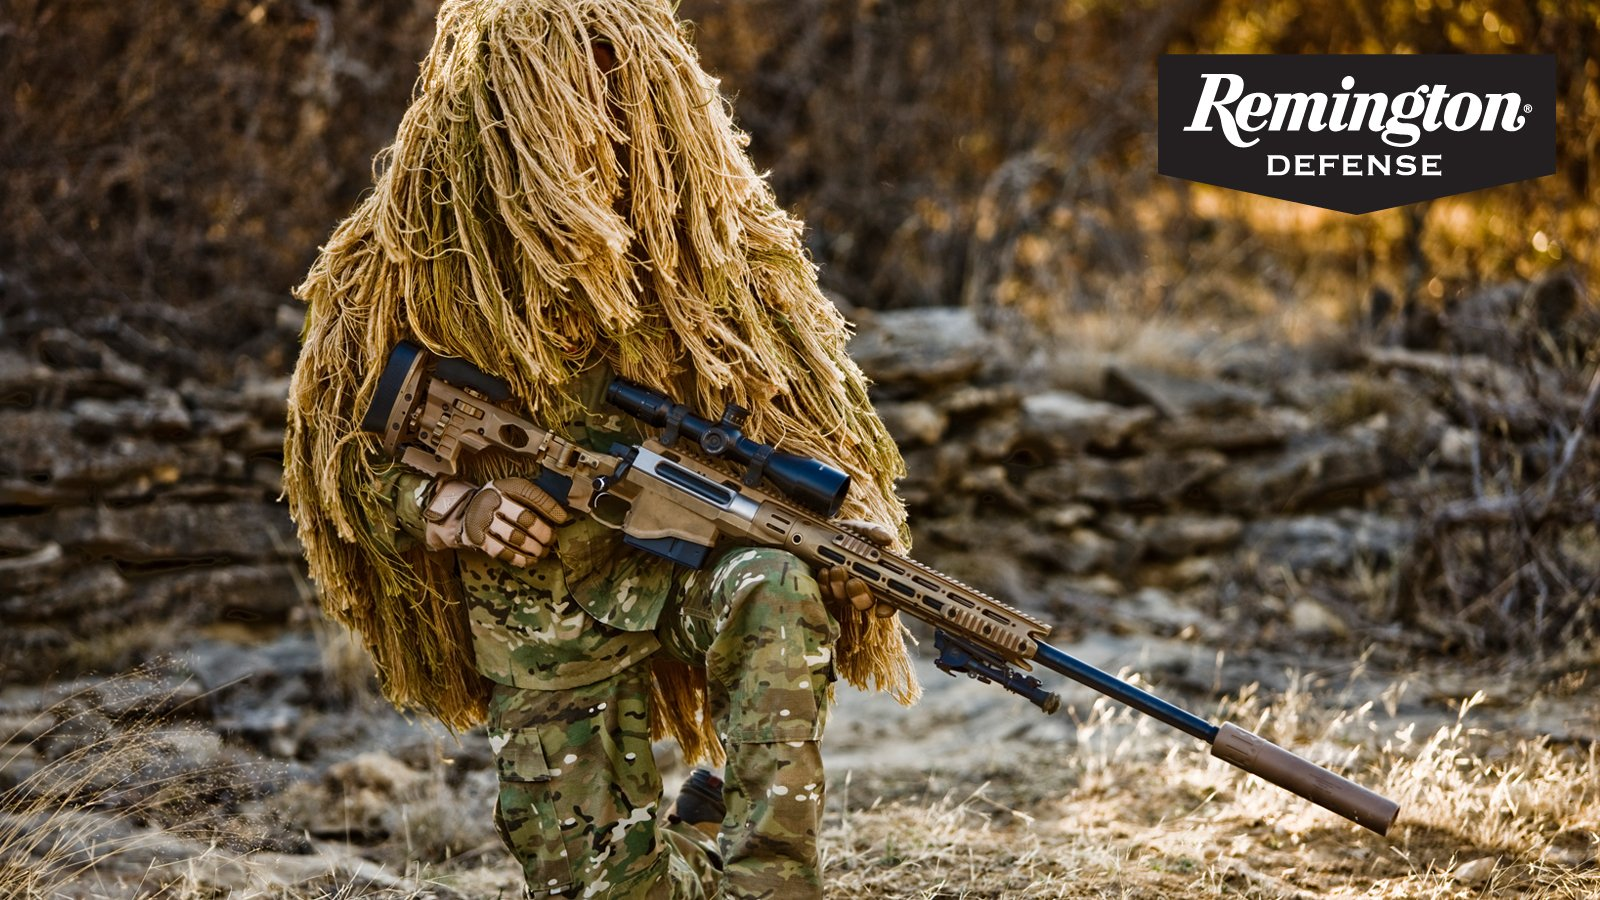 Remington Wallpaper Remington 1600x900